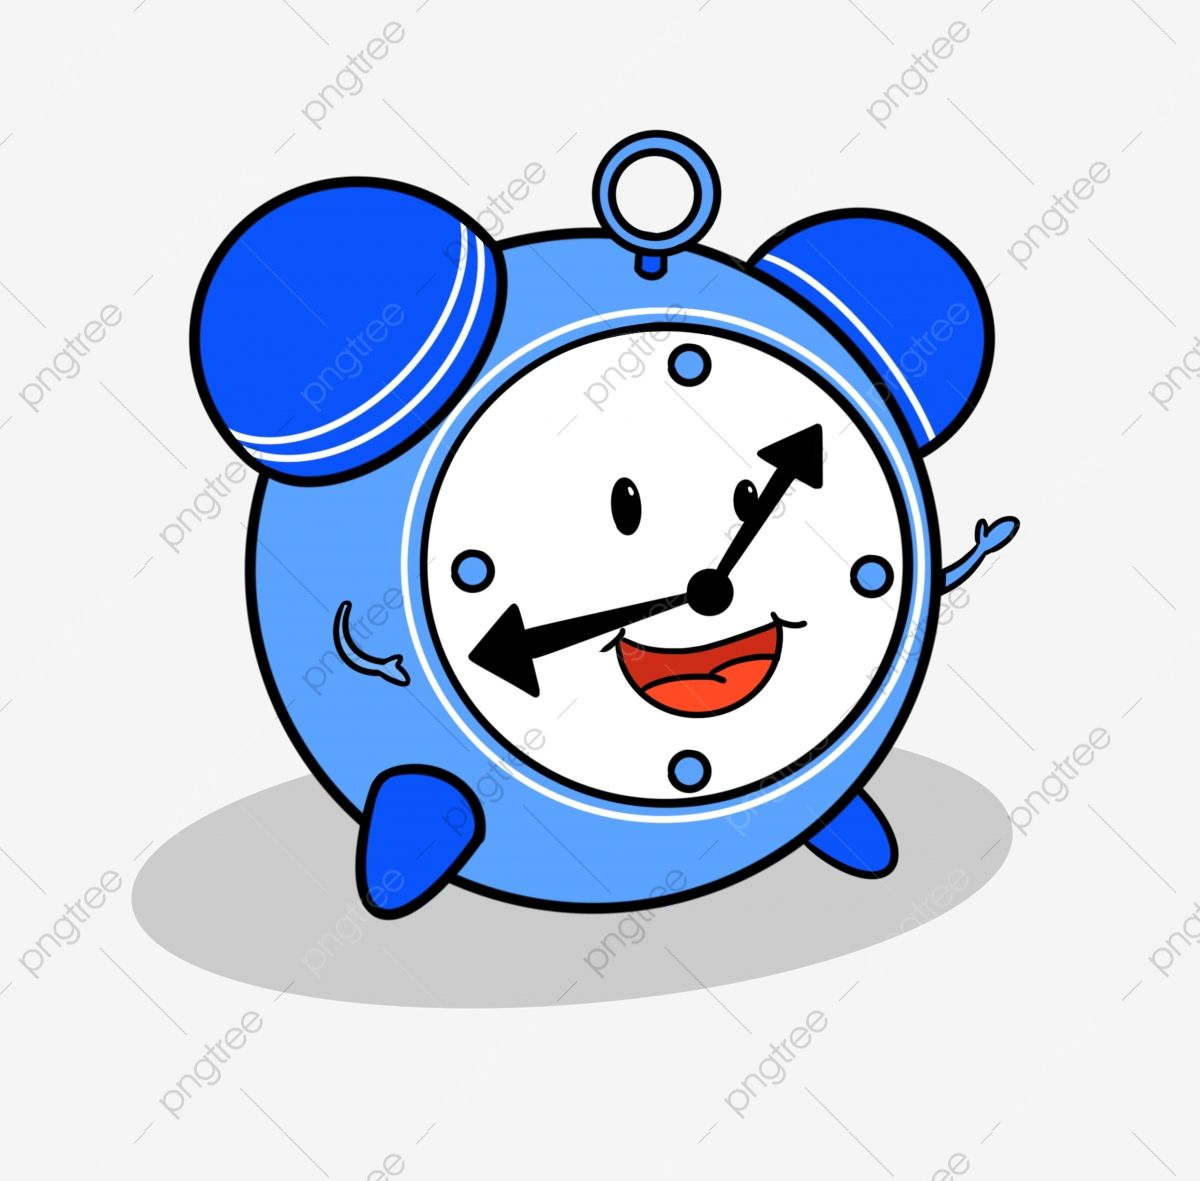 عقارب الساعة رسوم متحركة مشبك مجاني أزرق الكرتون وقت لطيف Png وملف Psd للتحميل مجانا Printing On Fabric Prints Cartoon